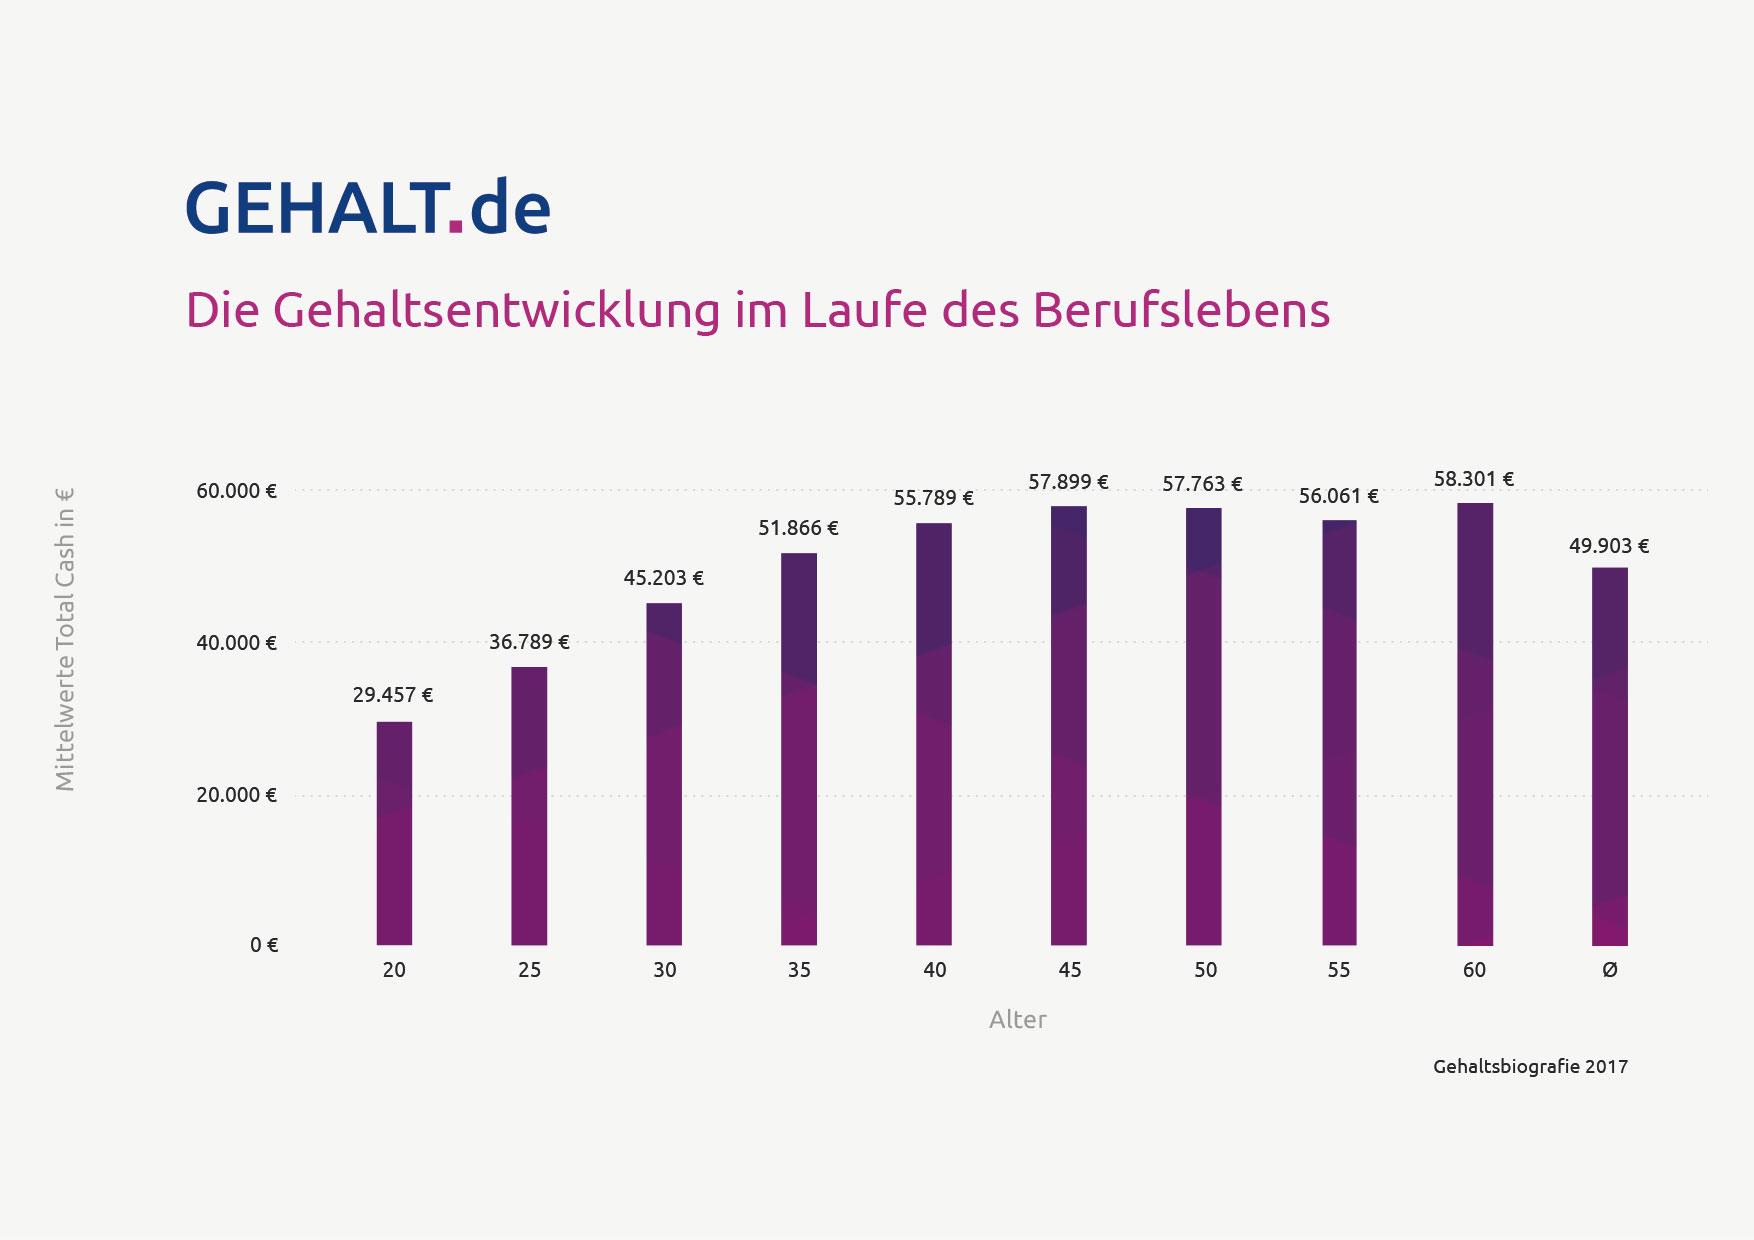 Die Gehaltsbiografie 2017 - Gehaltsentwicklungen für Fach- und Führungskräfte